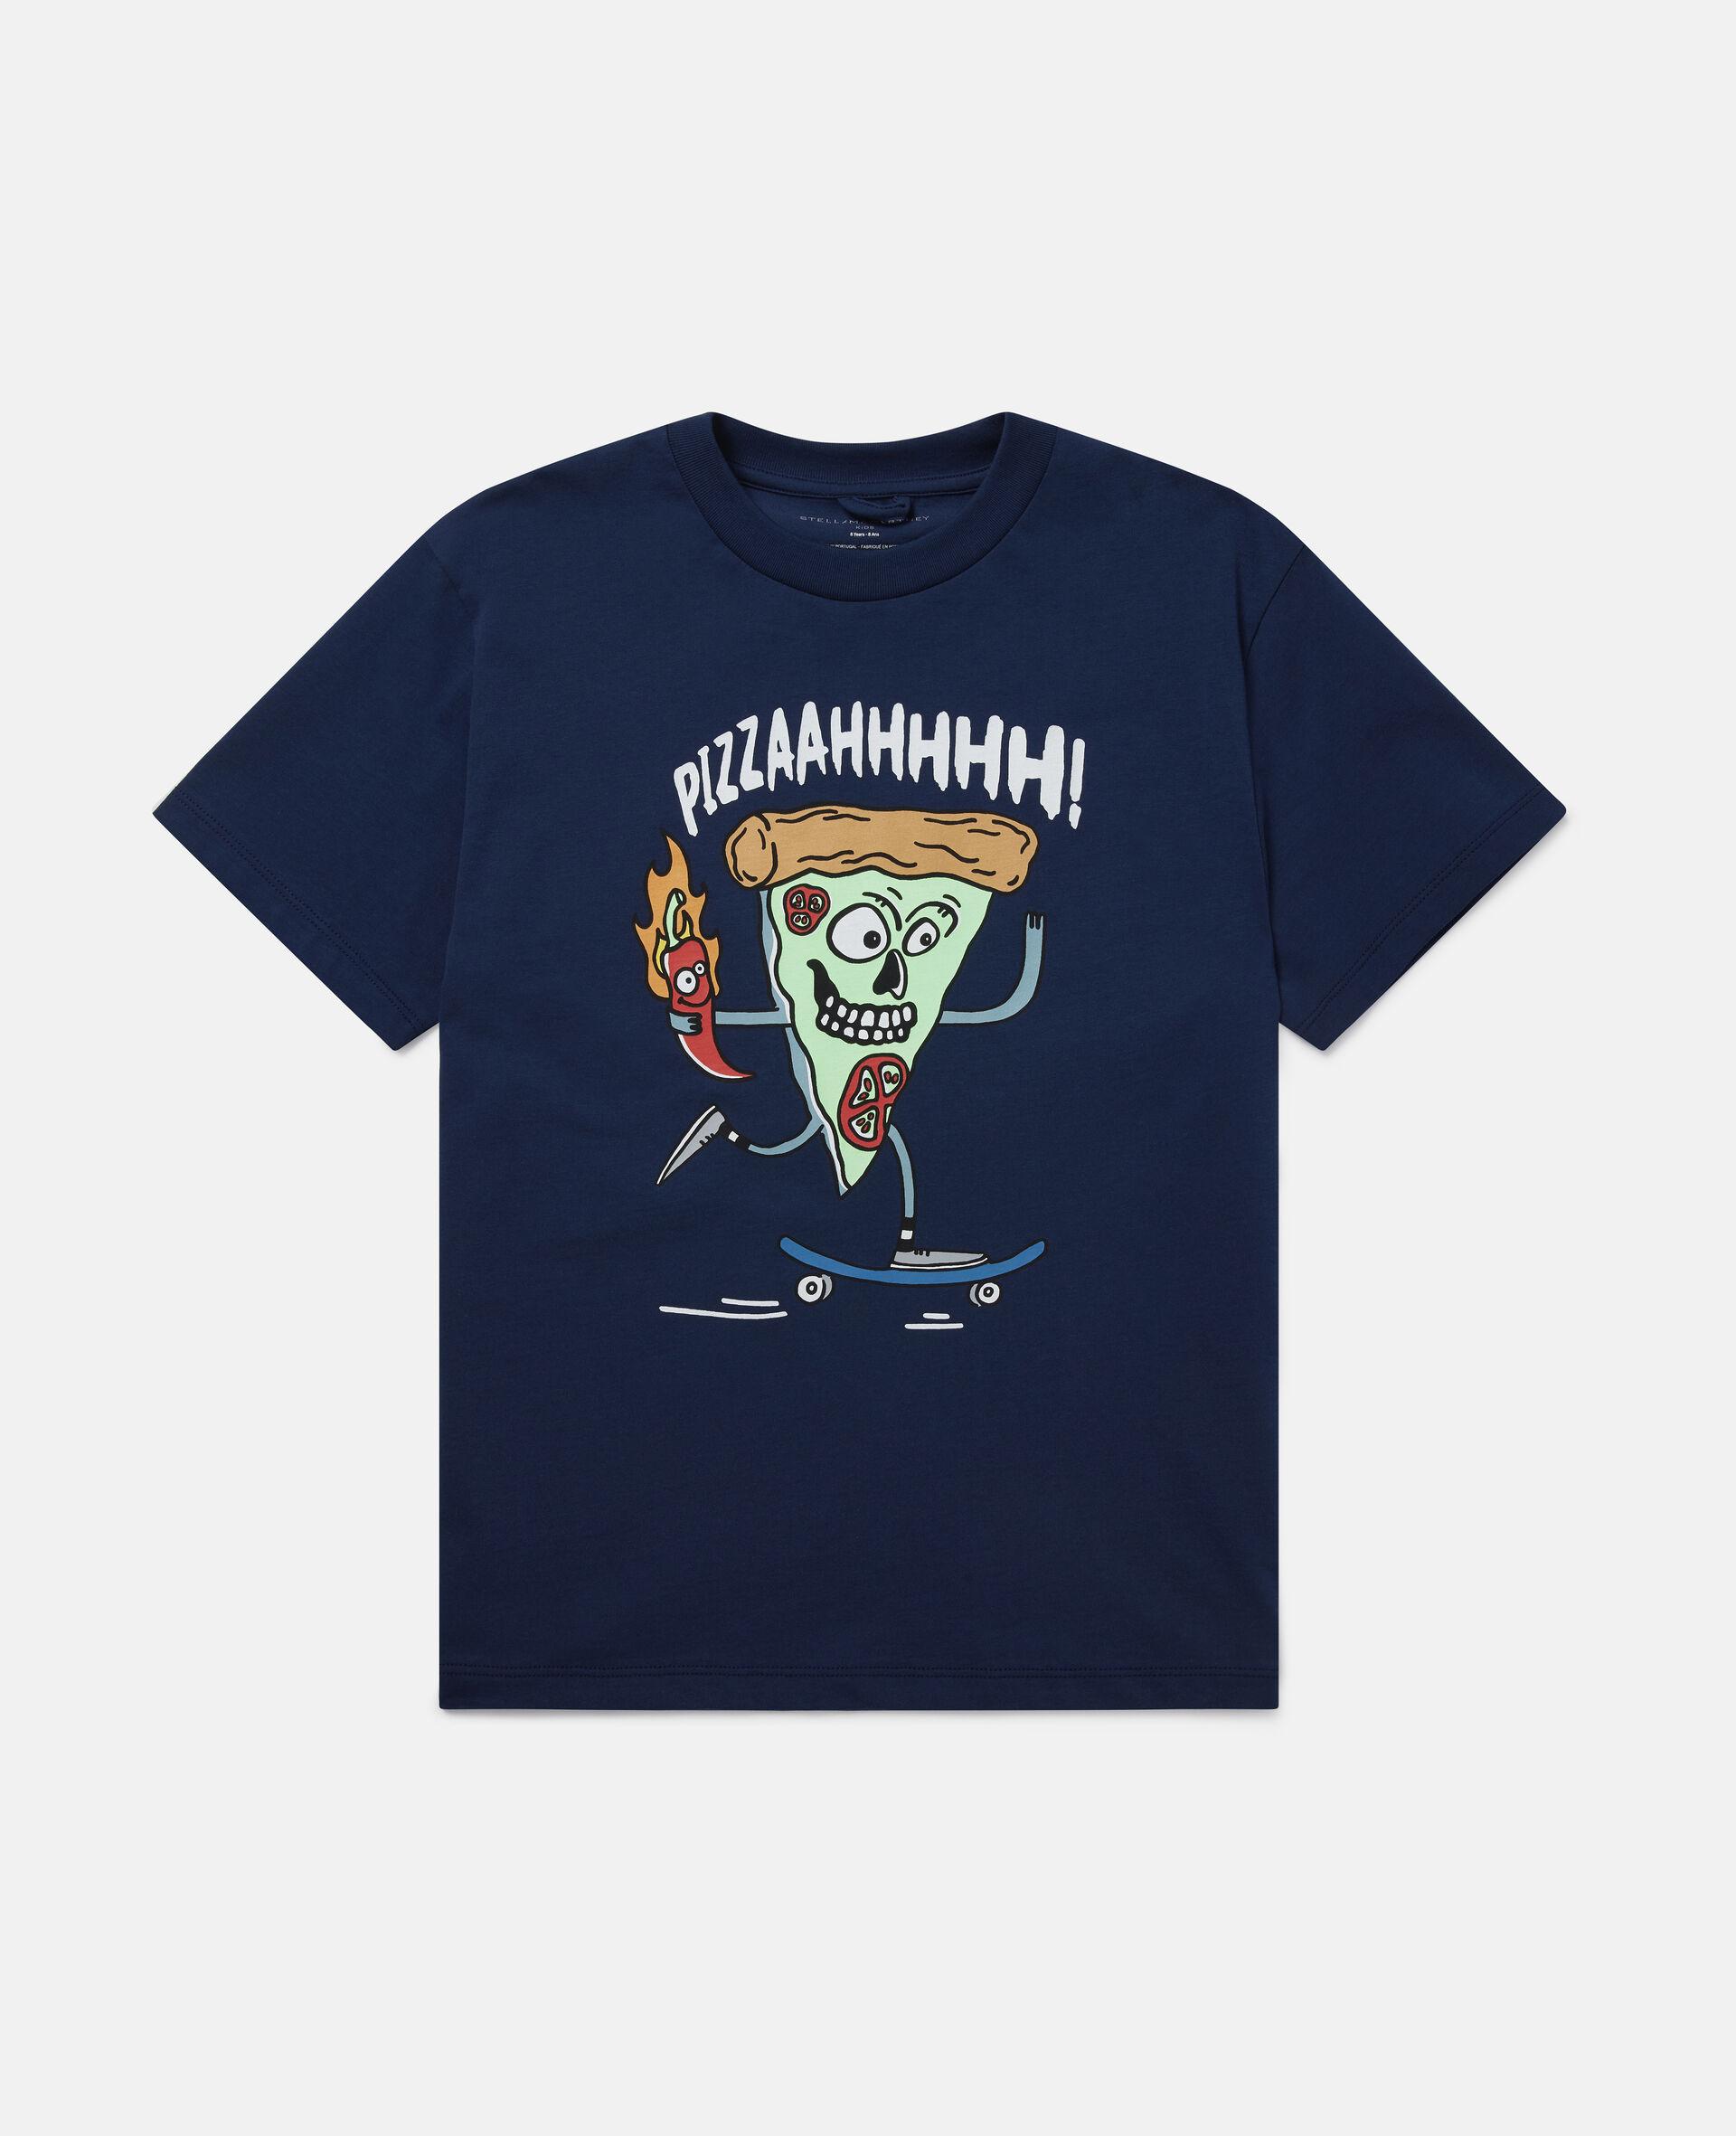 Übergroßes T-Shirt mit Pizza-Skater-Motiv-Blau-large image number 0